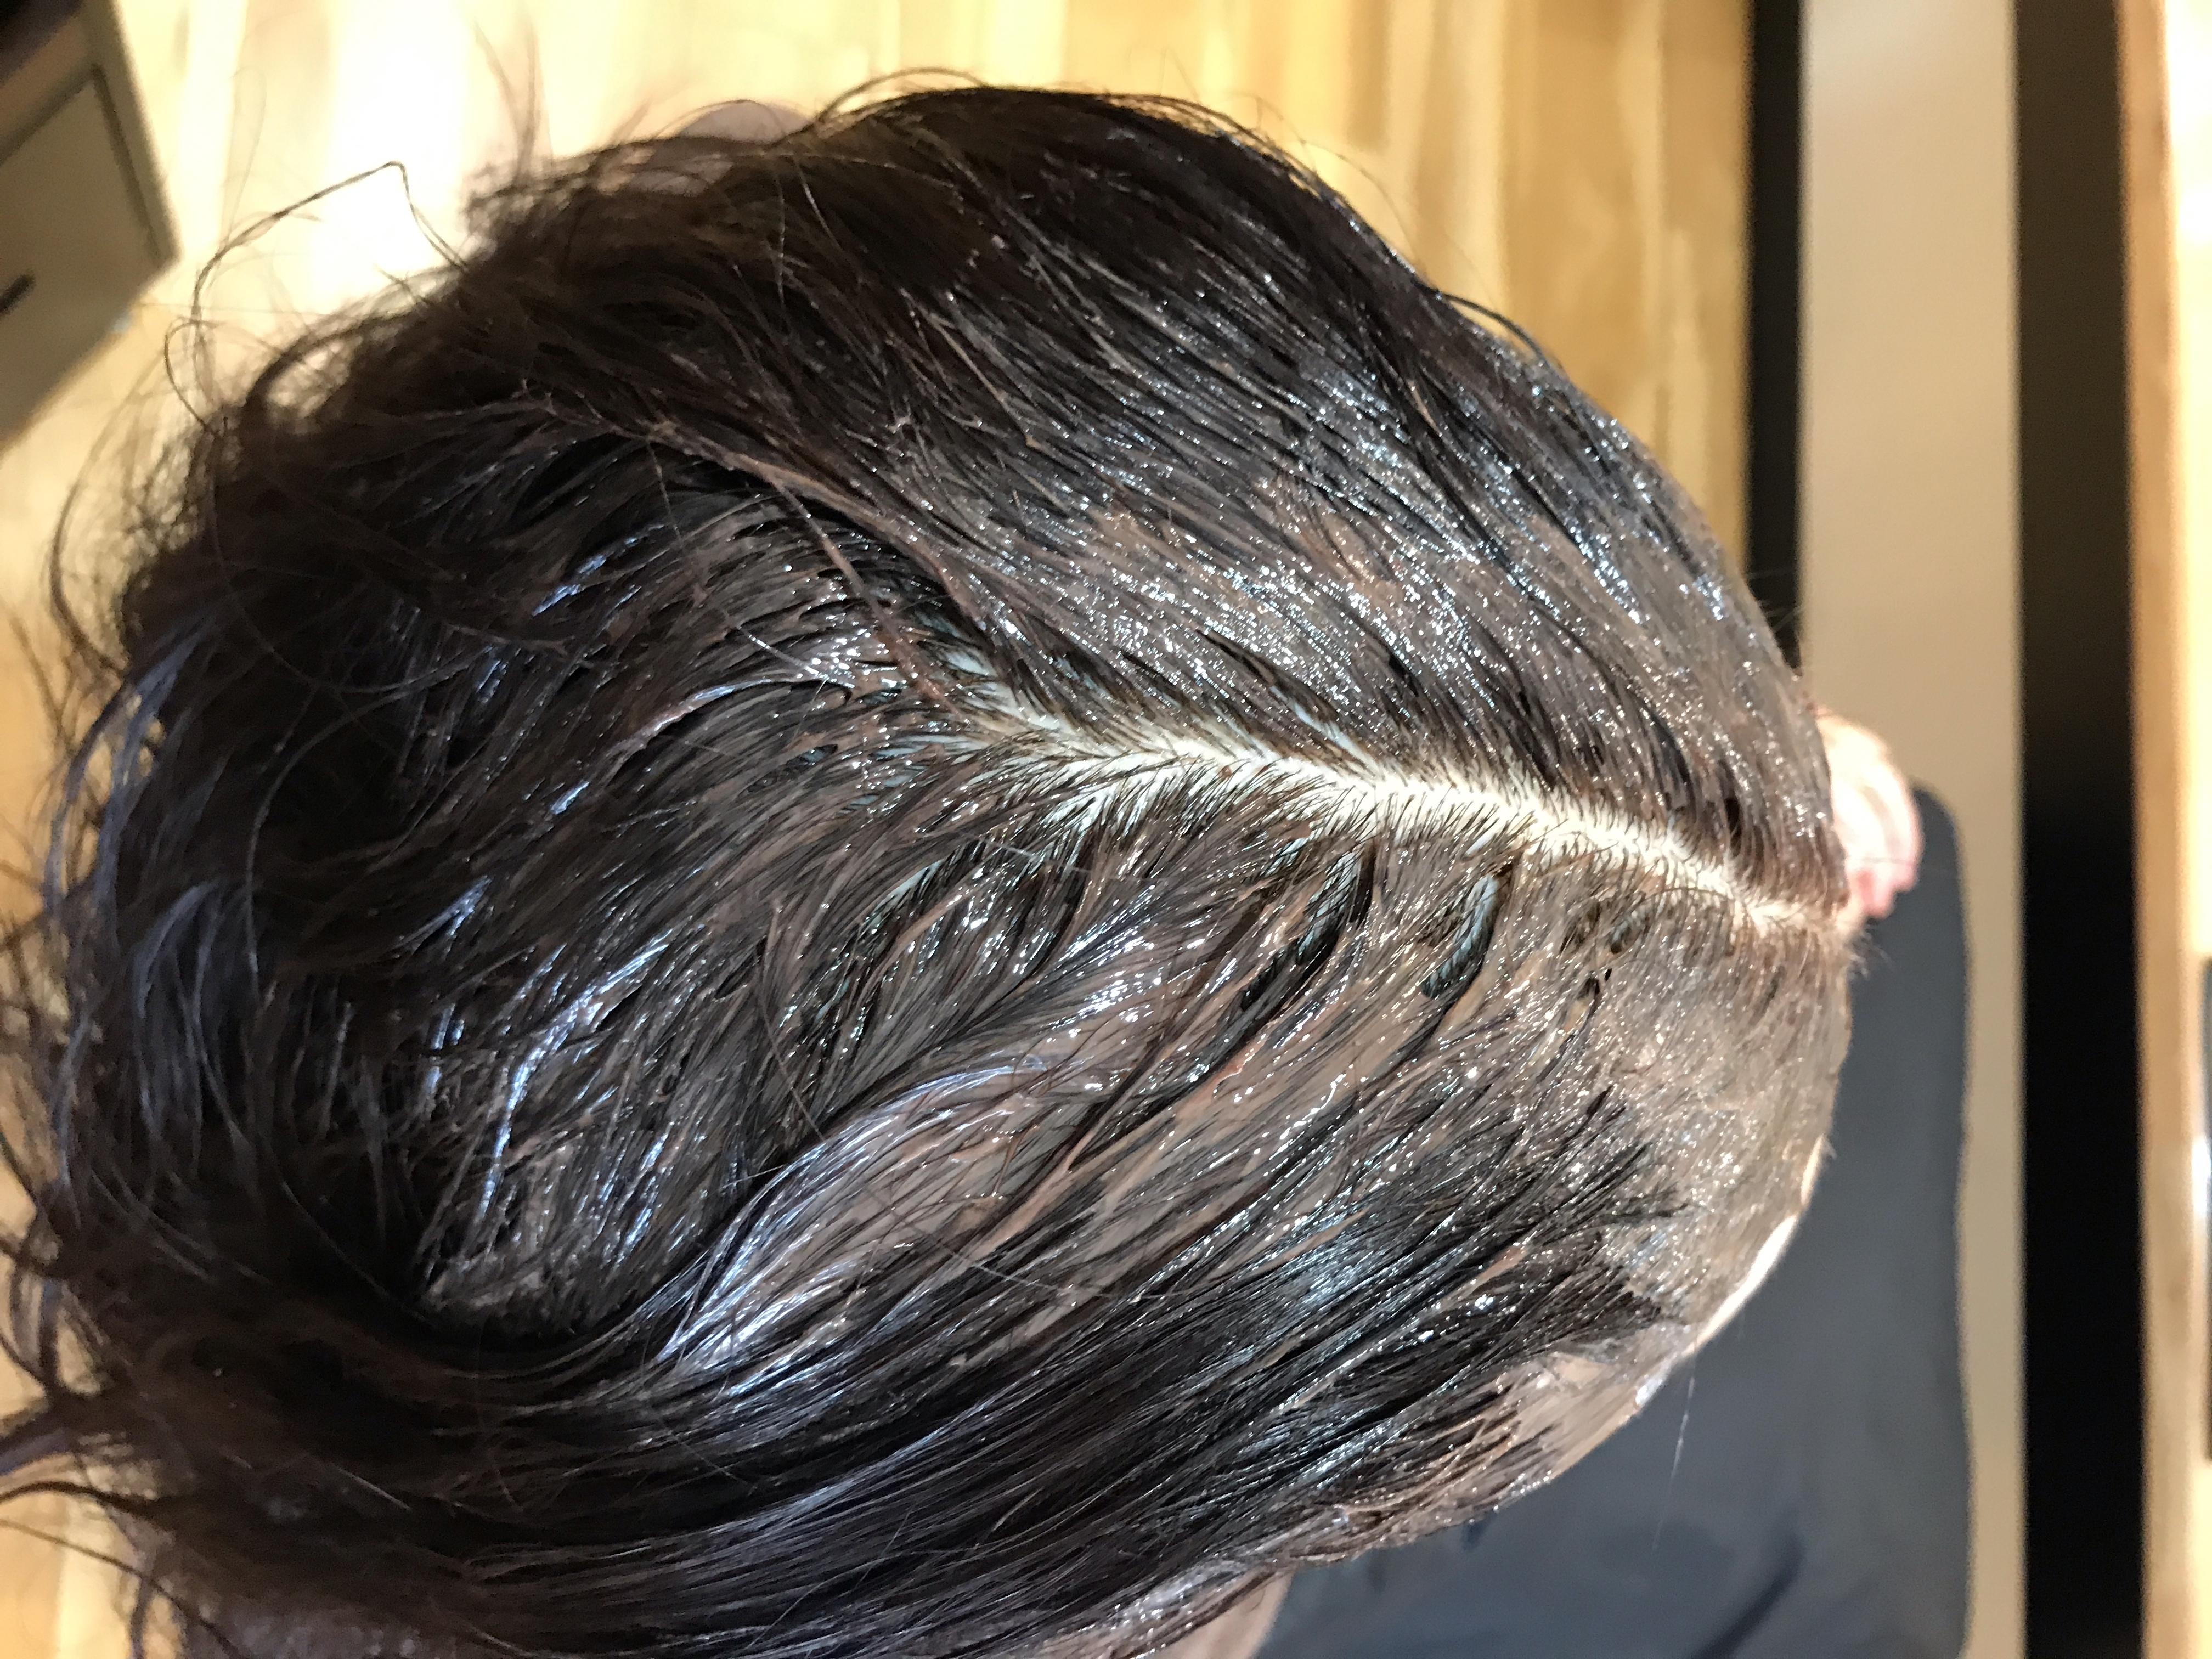 アトピー性皮膚炎で白髪染めの刺激に悩む方の染める方法を解説します